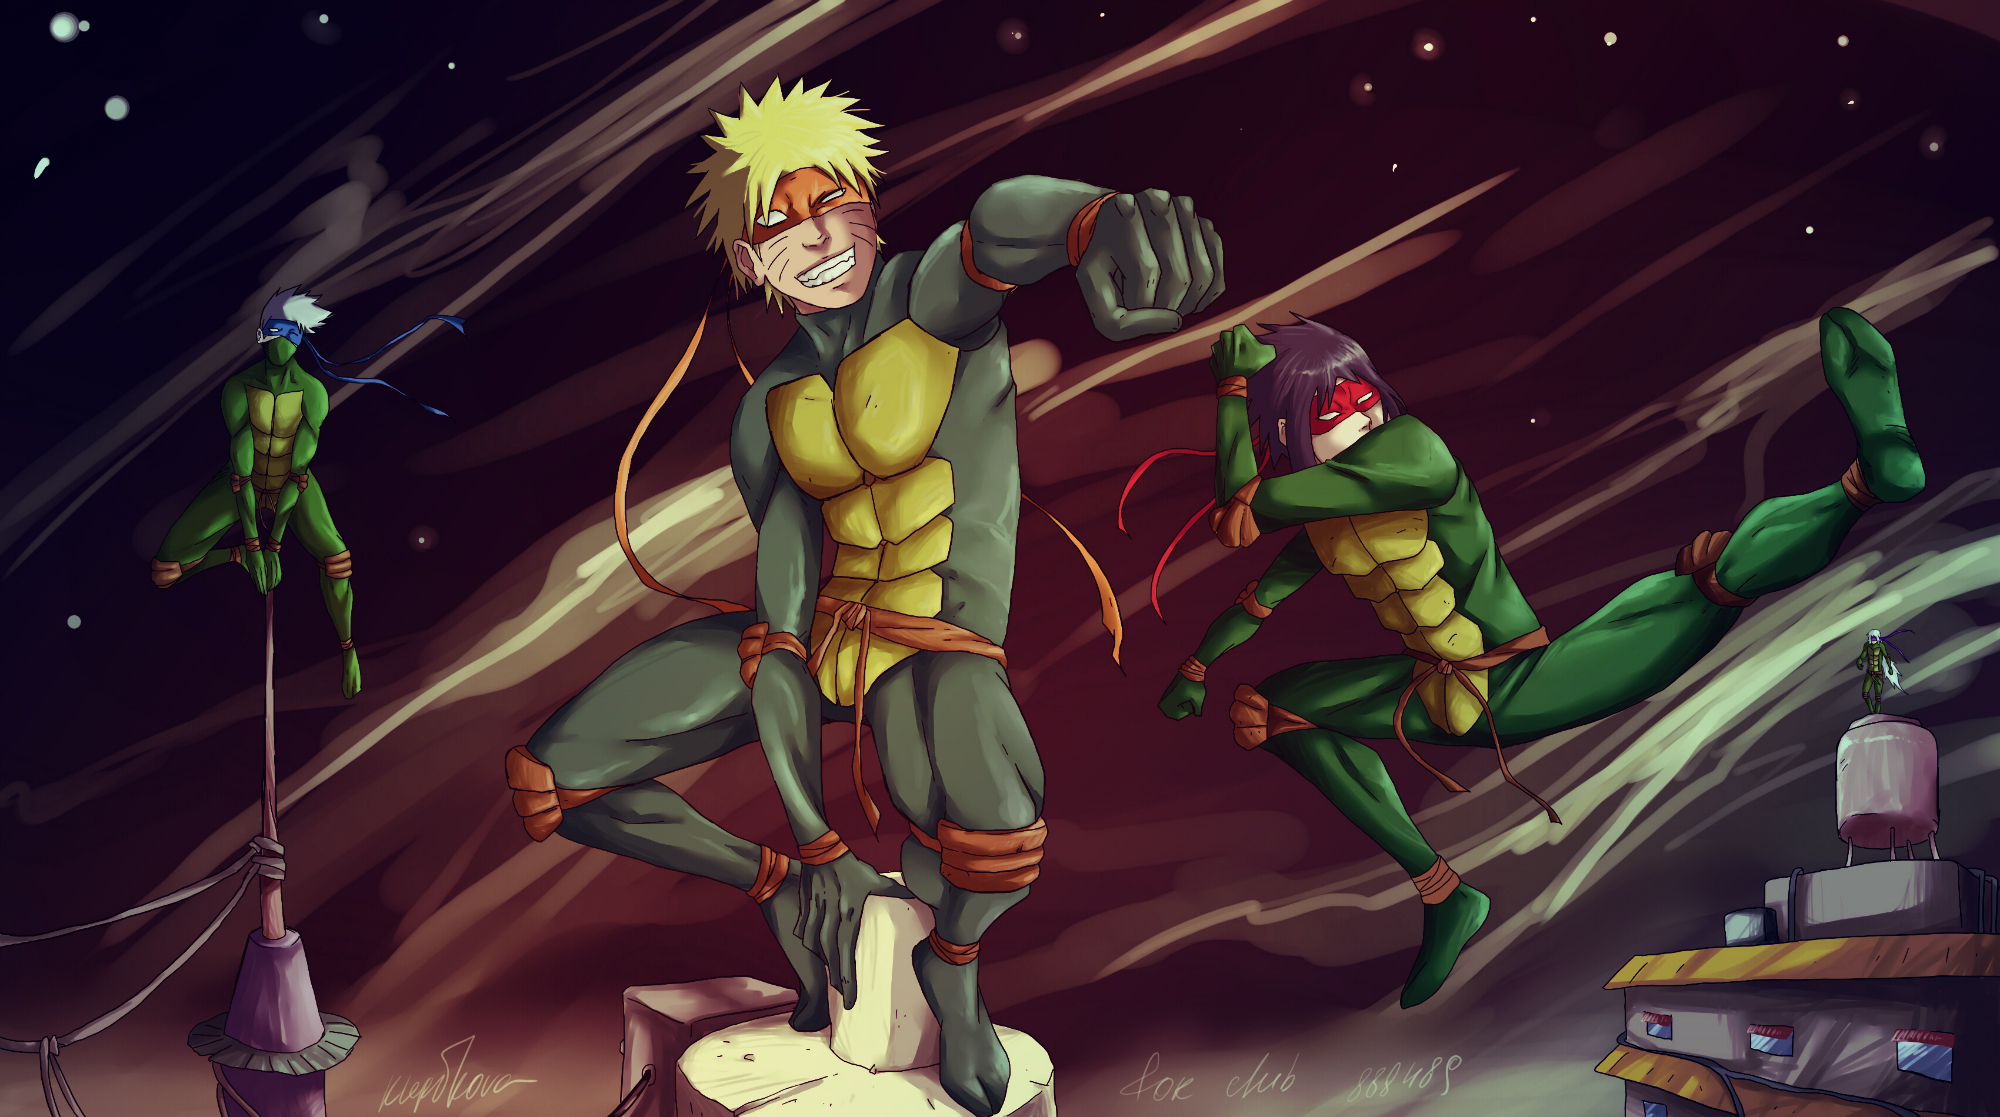 Teenage Mutant Ninja Turtles Cosplay Zerochan Anime Image Board